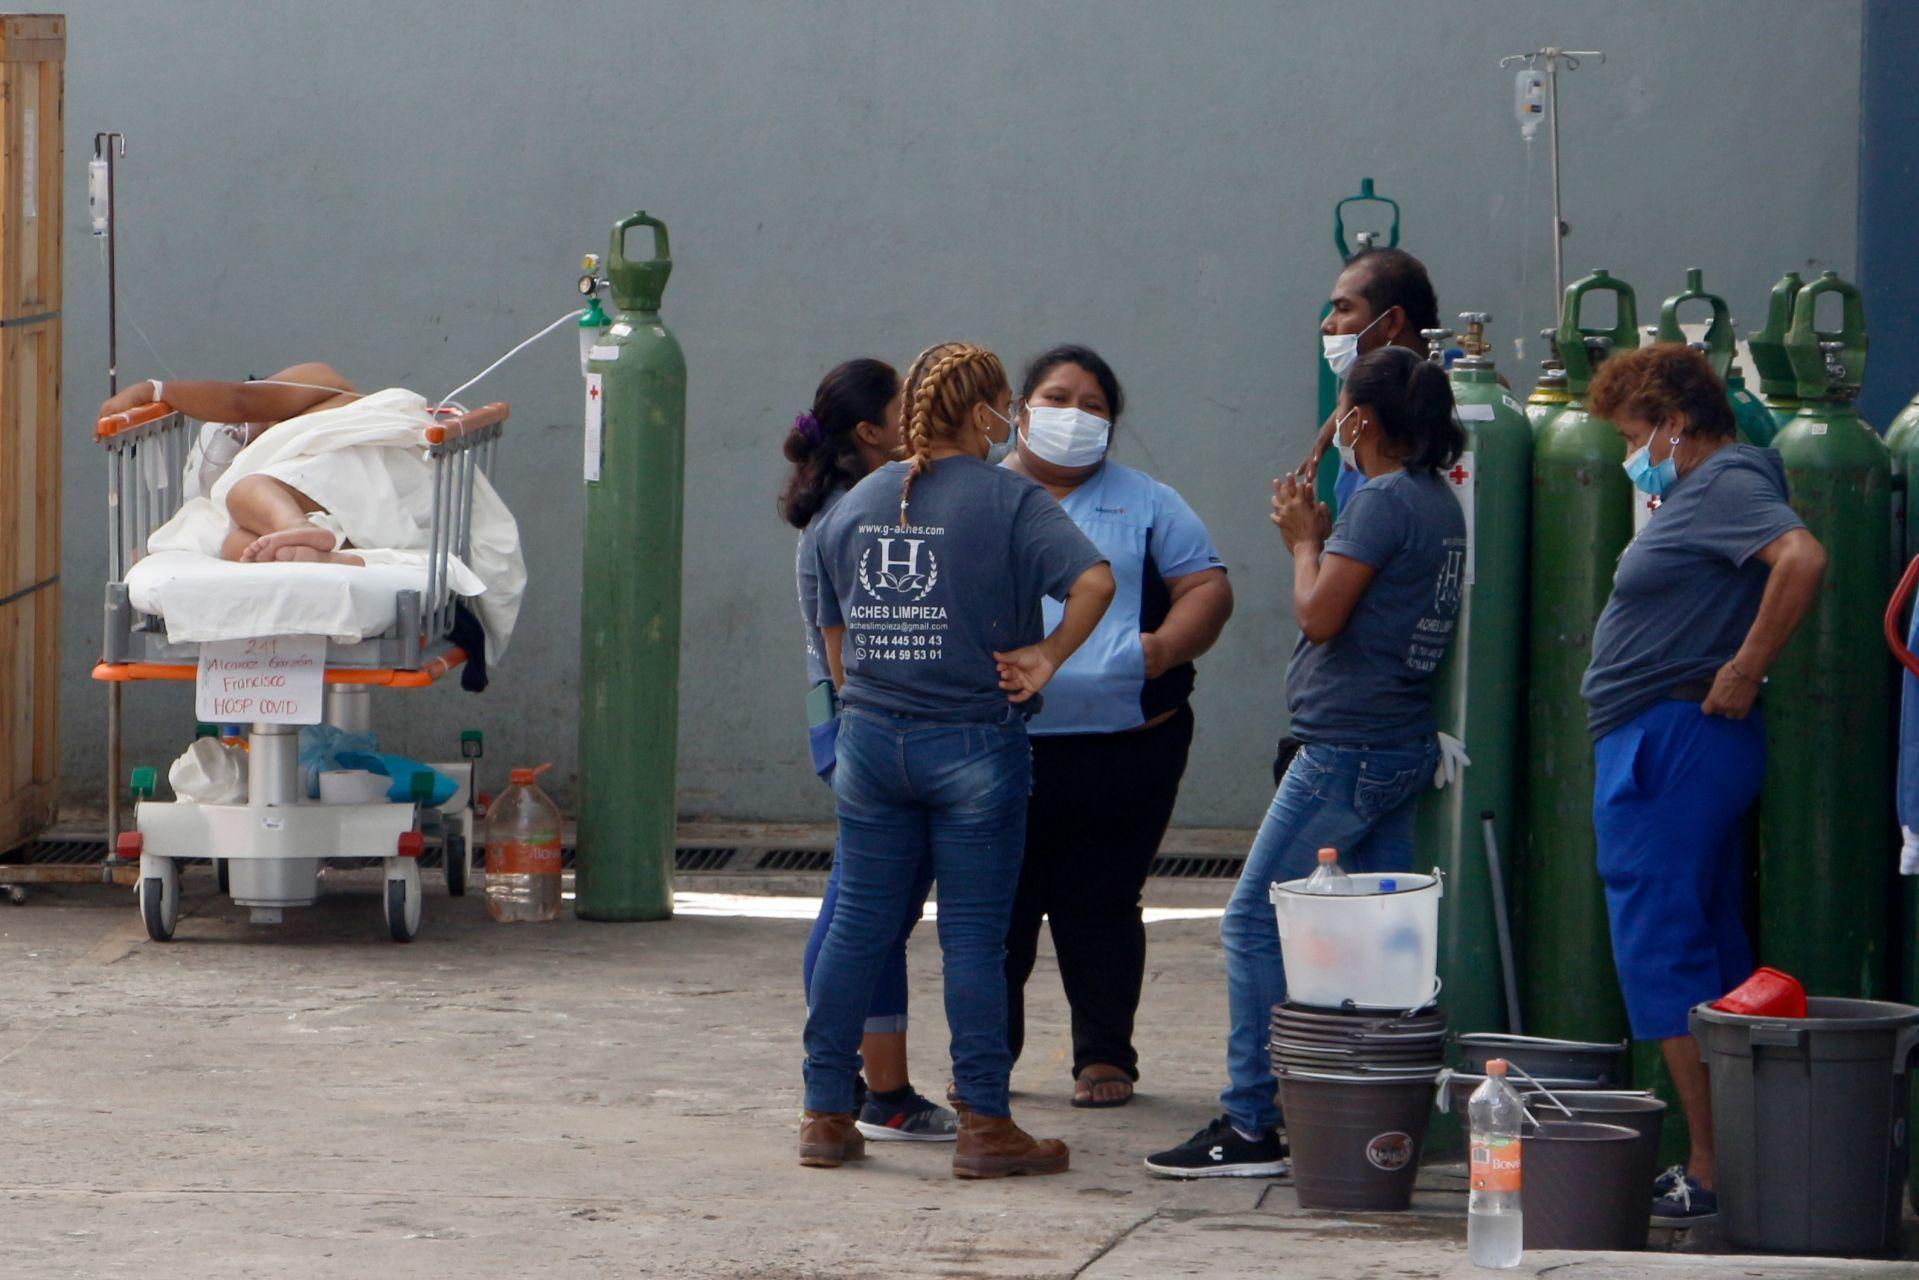 Tras sismo, pacientes del hospital del ISSSTE en Acapulco reciben malas atenciones, denuncian familiares